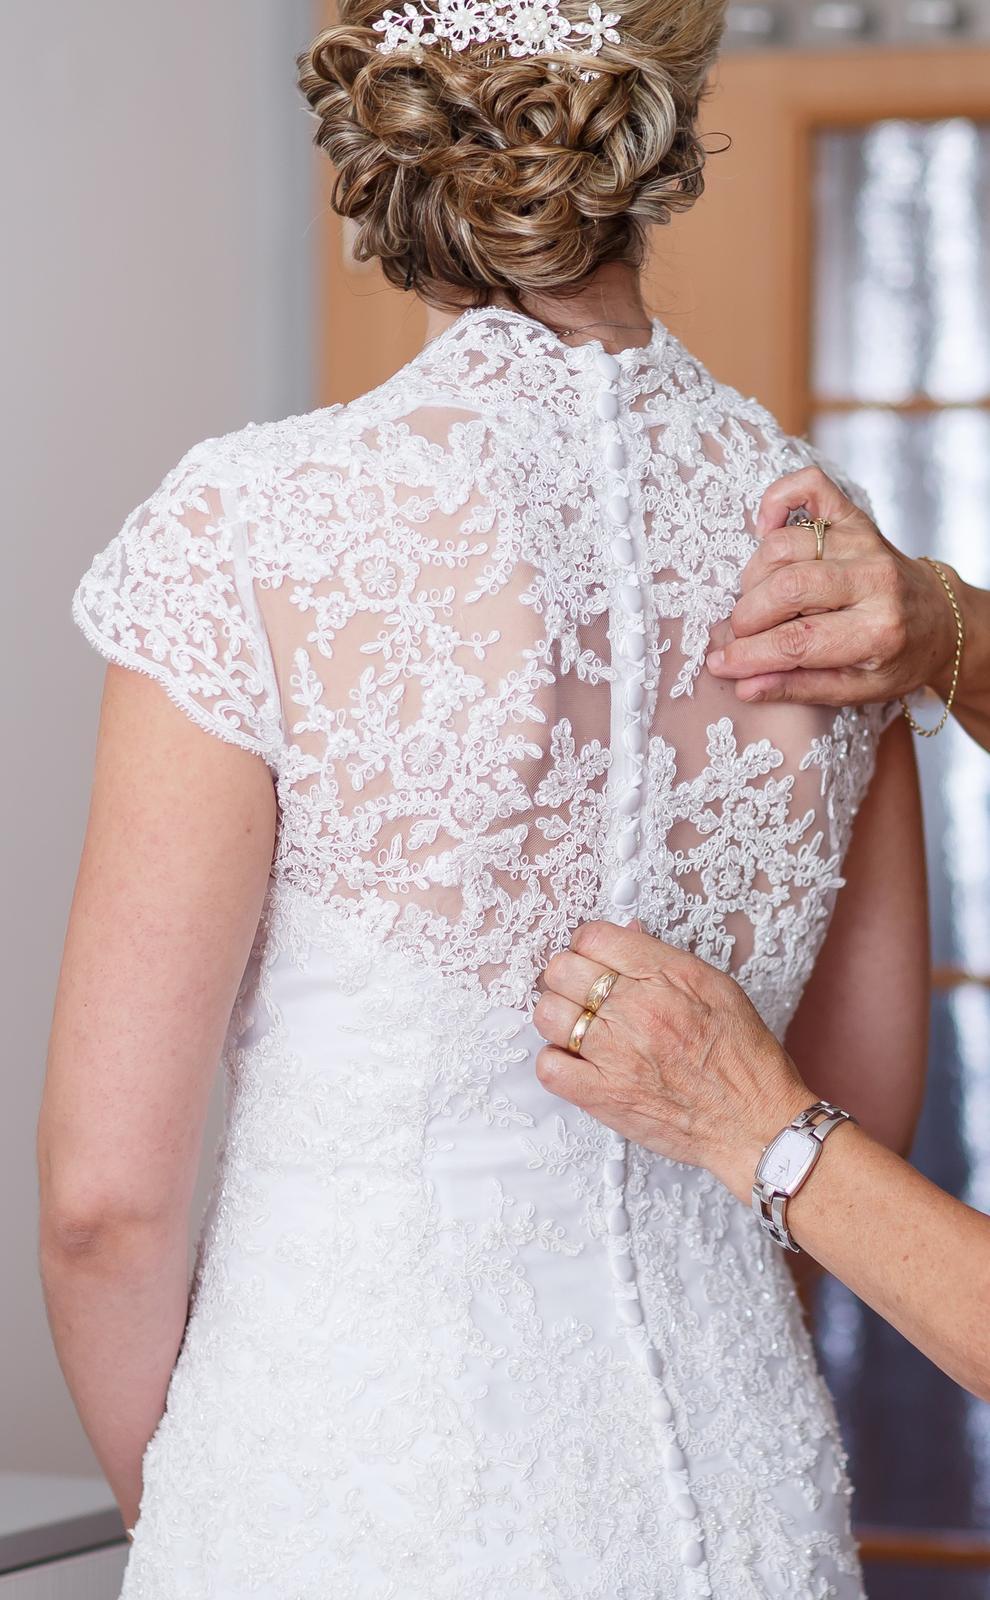 Svadobné šaty čipkované veľkosť 40-42 - Obrázok č. 2